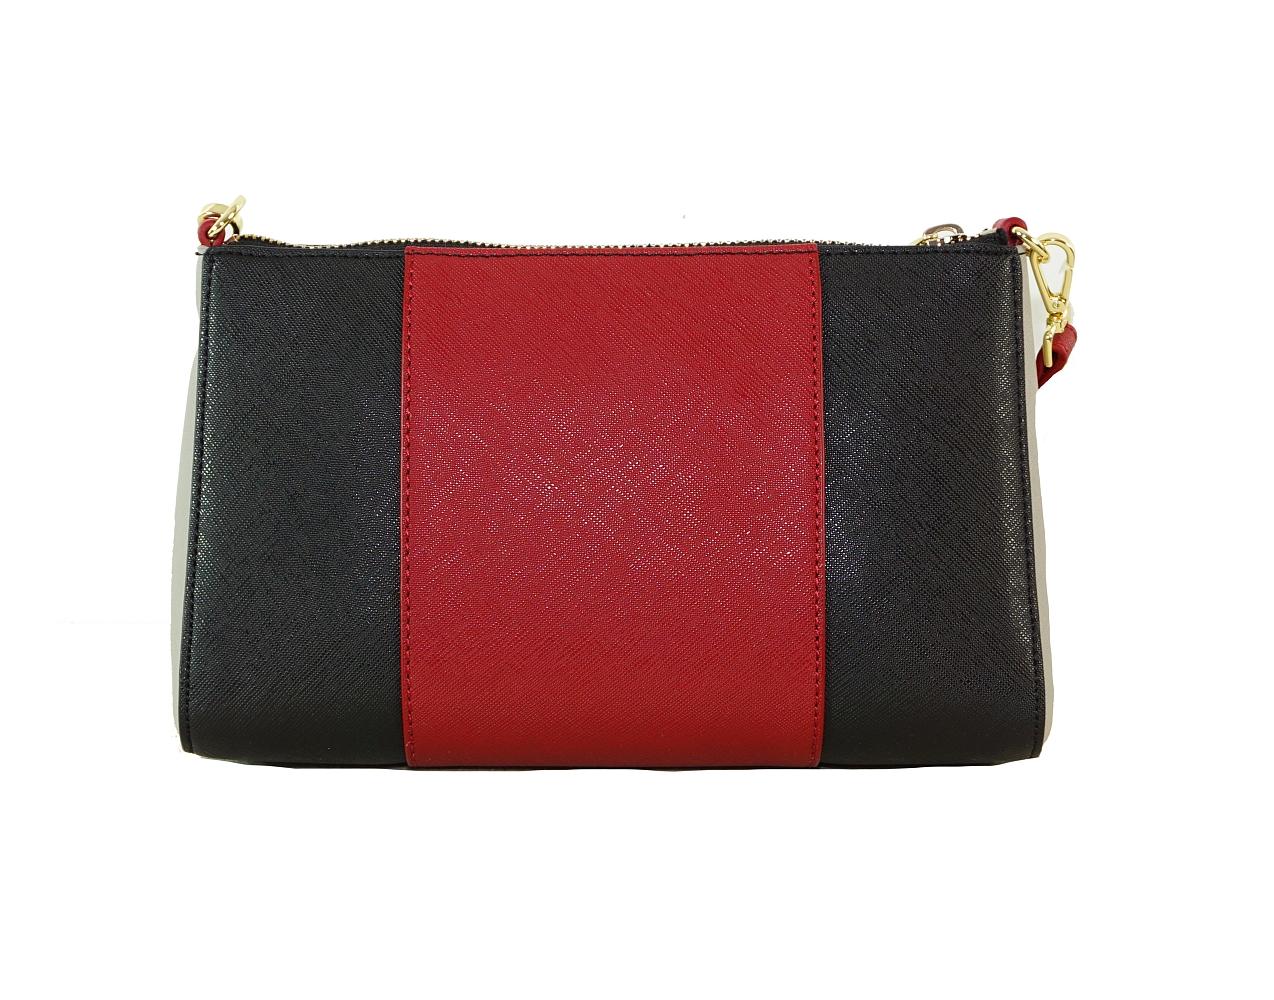 Armani Jeans Tasche Handtasche f. Damen 922544 CC857 07276 burgundy nero HW16